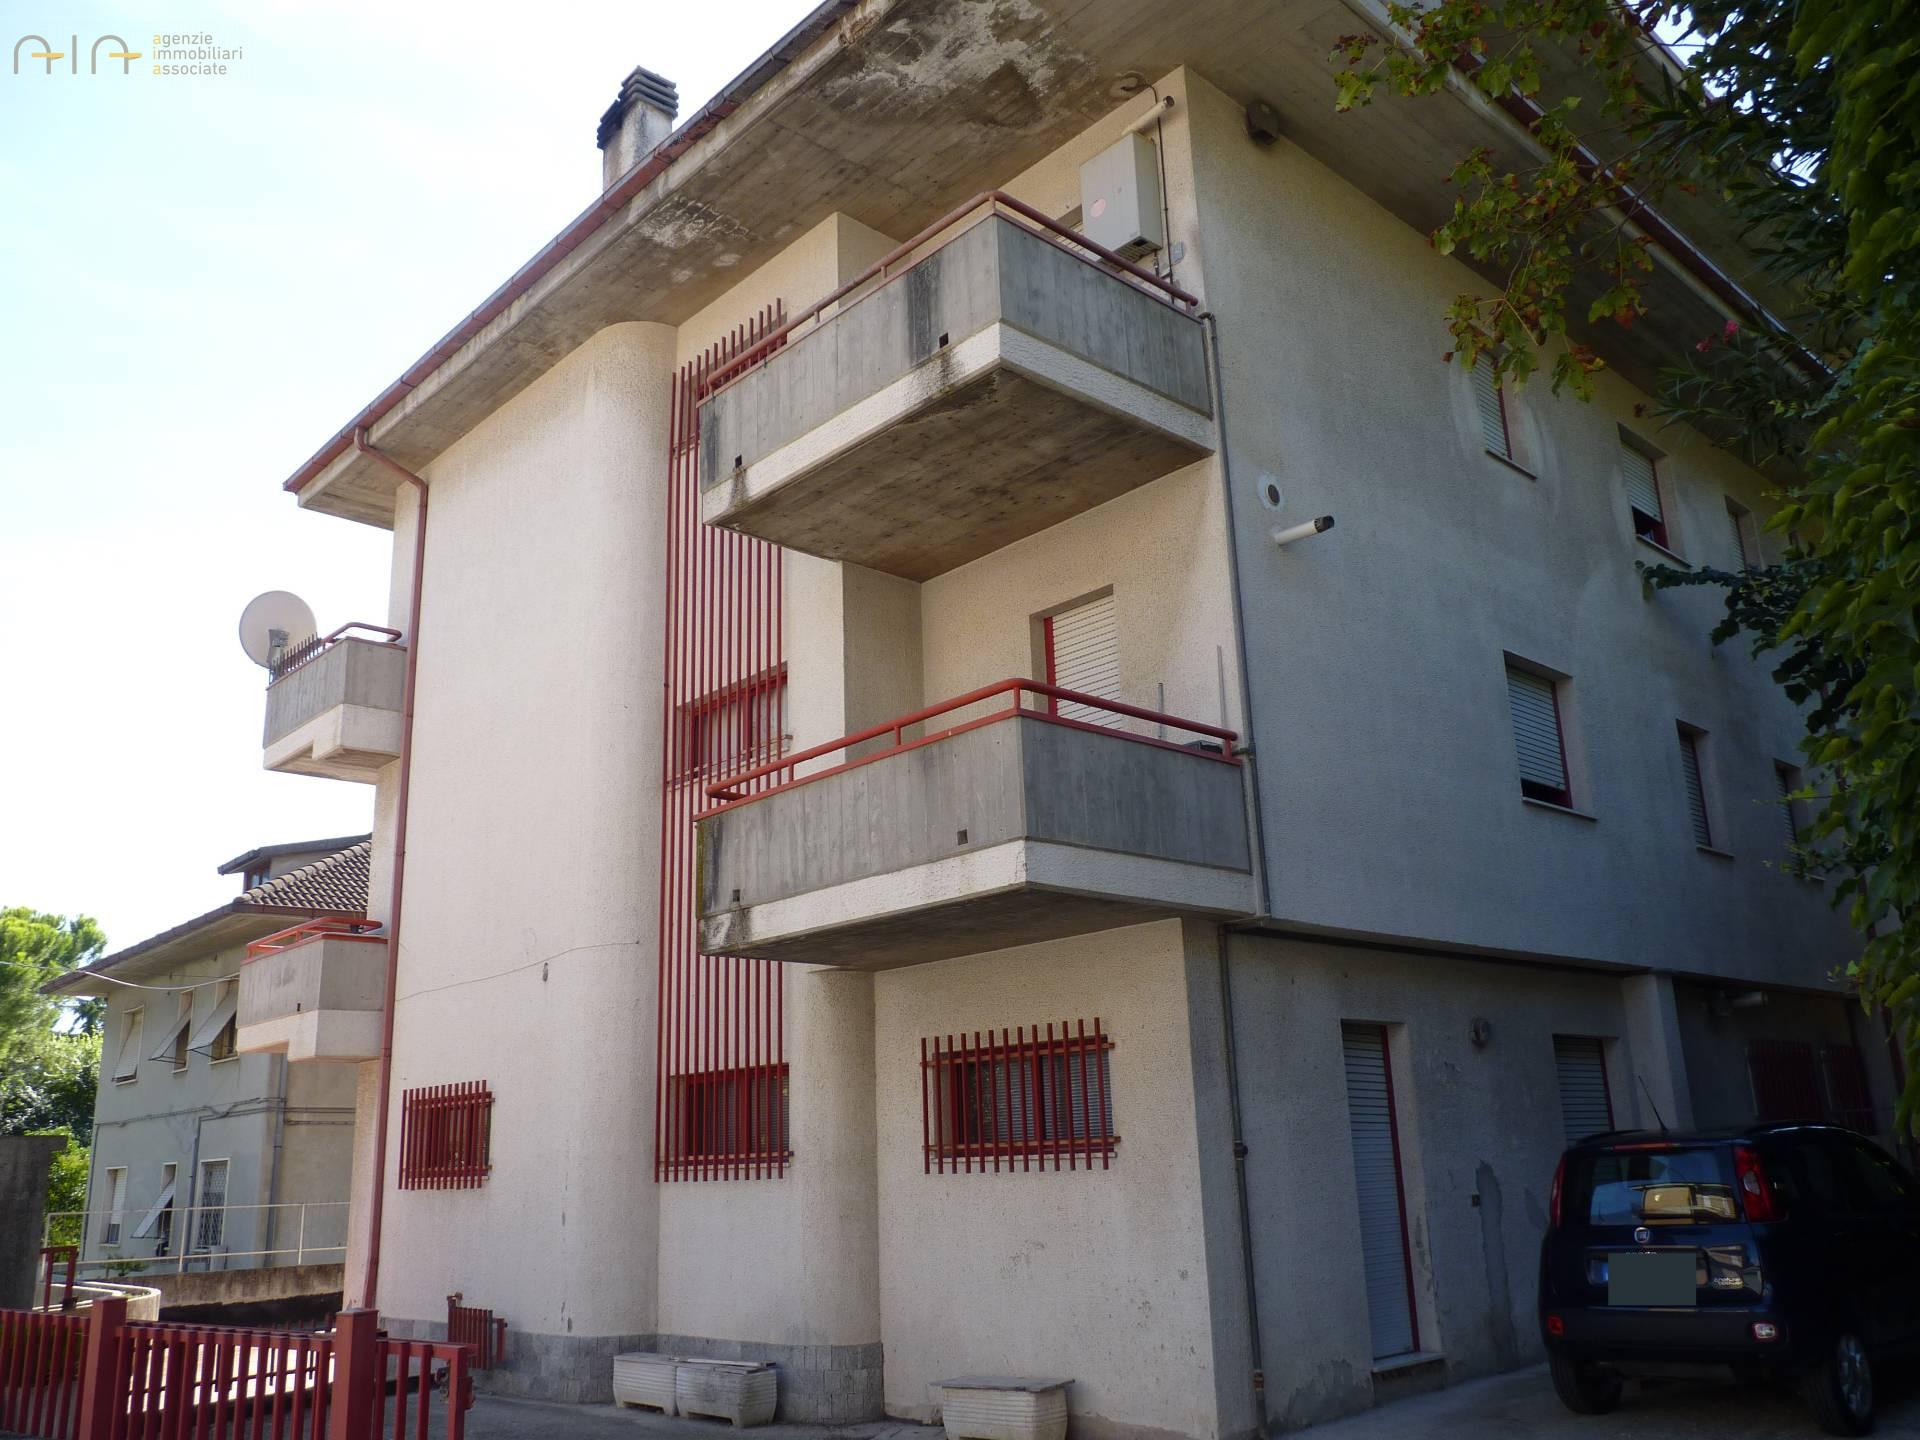 Appartamento in vendita a Castel di Lama, 2 locali, zona Località: ZonaSalaria, prezzo € 72.000 | CambioCasa.it